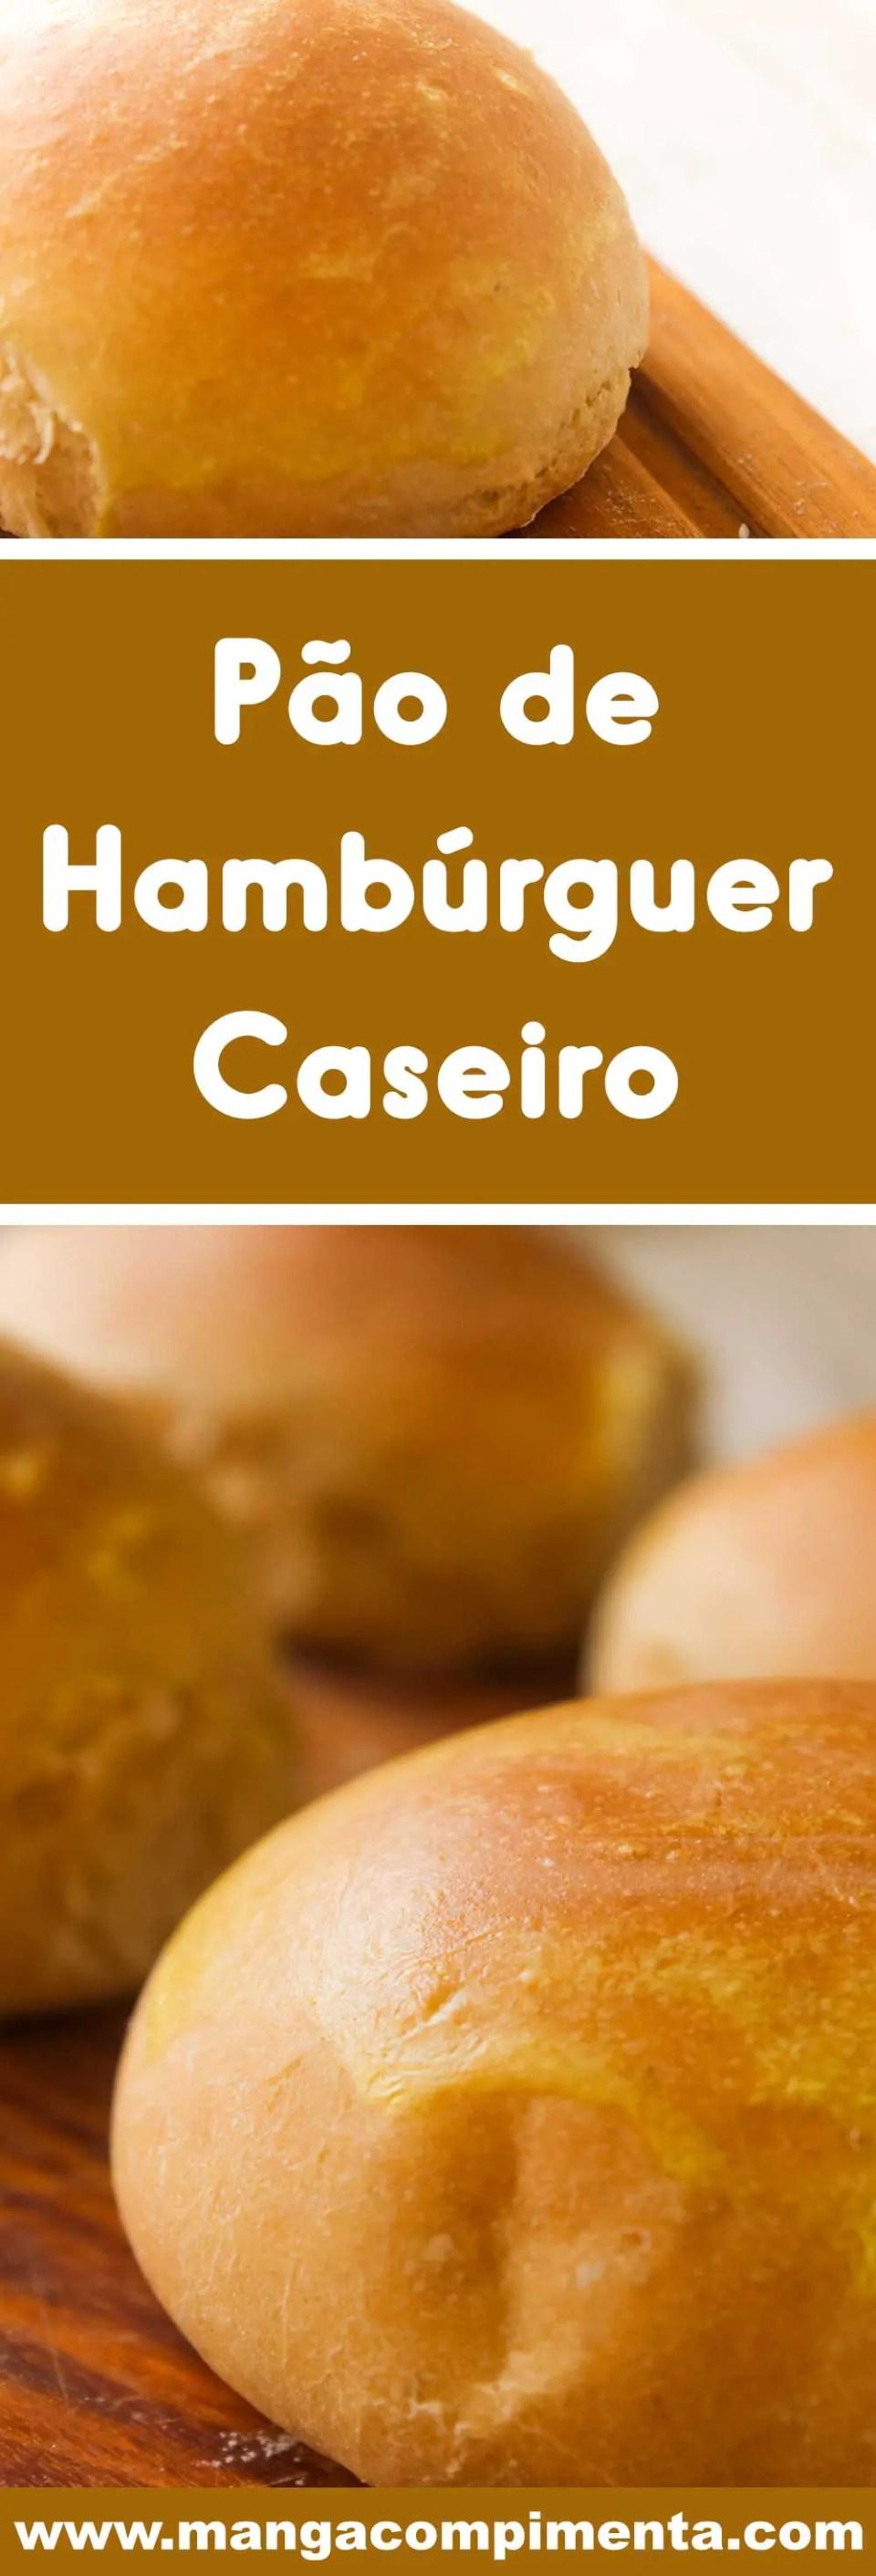 Receita de Pão de hambúrguer Caseiro - prepare em casa um lanche delicioso!